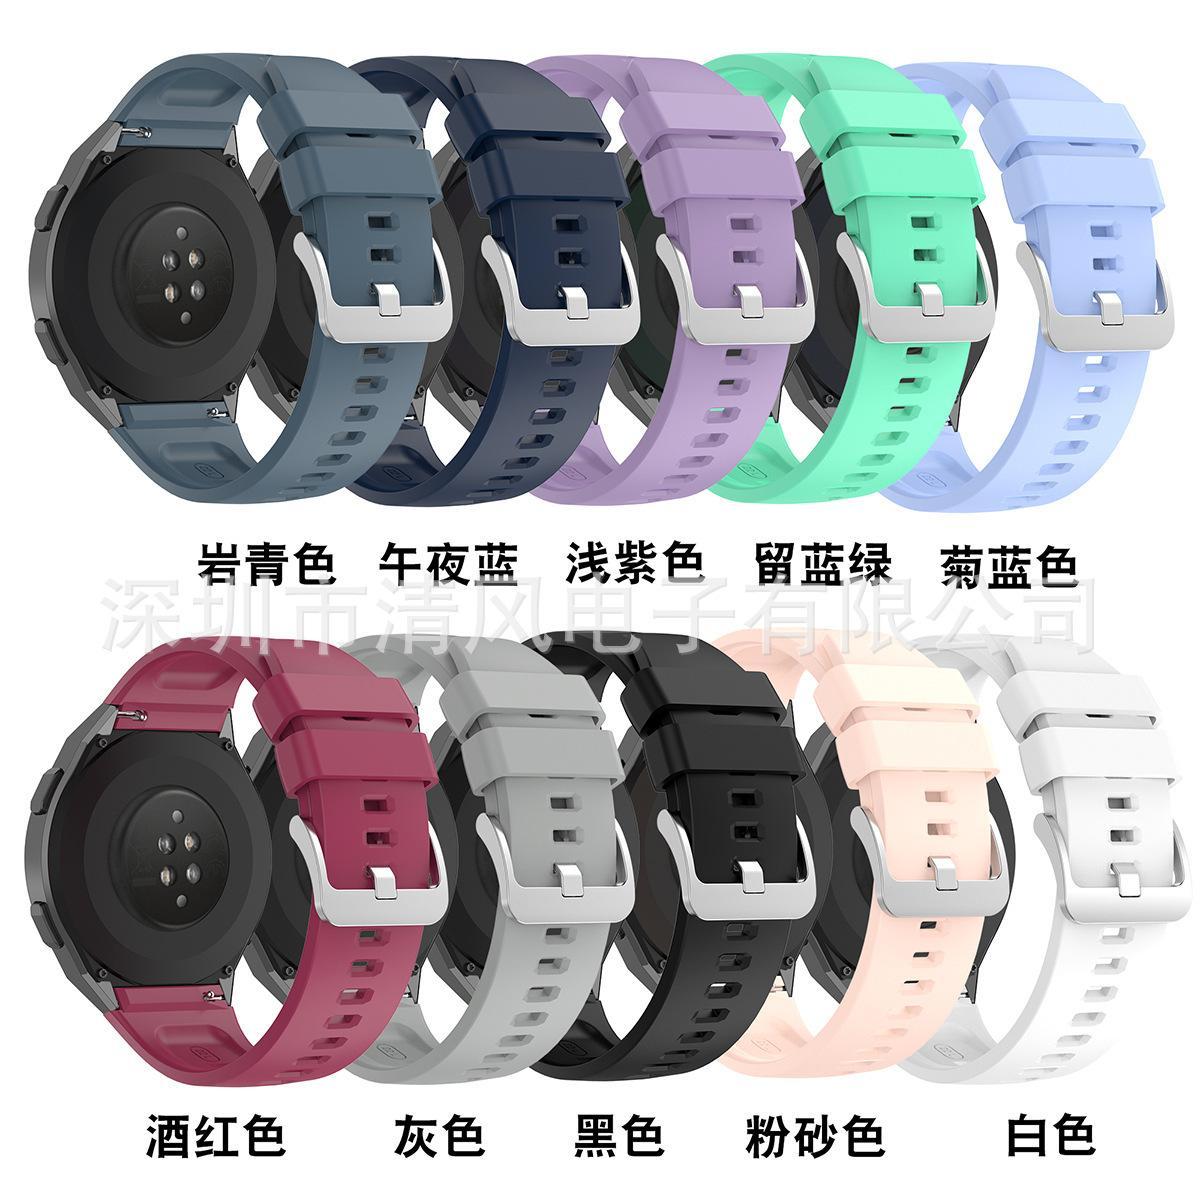 Adatto per Huawei Watch GT2E orologio Sile Strap GT 2e Stessa cinturino in metallo alta qualità